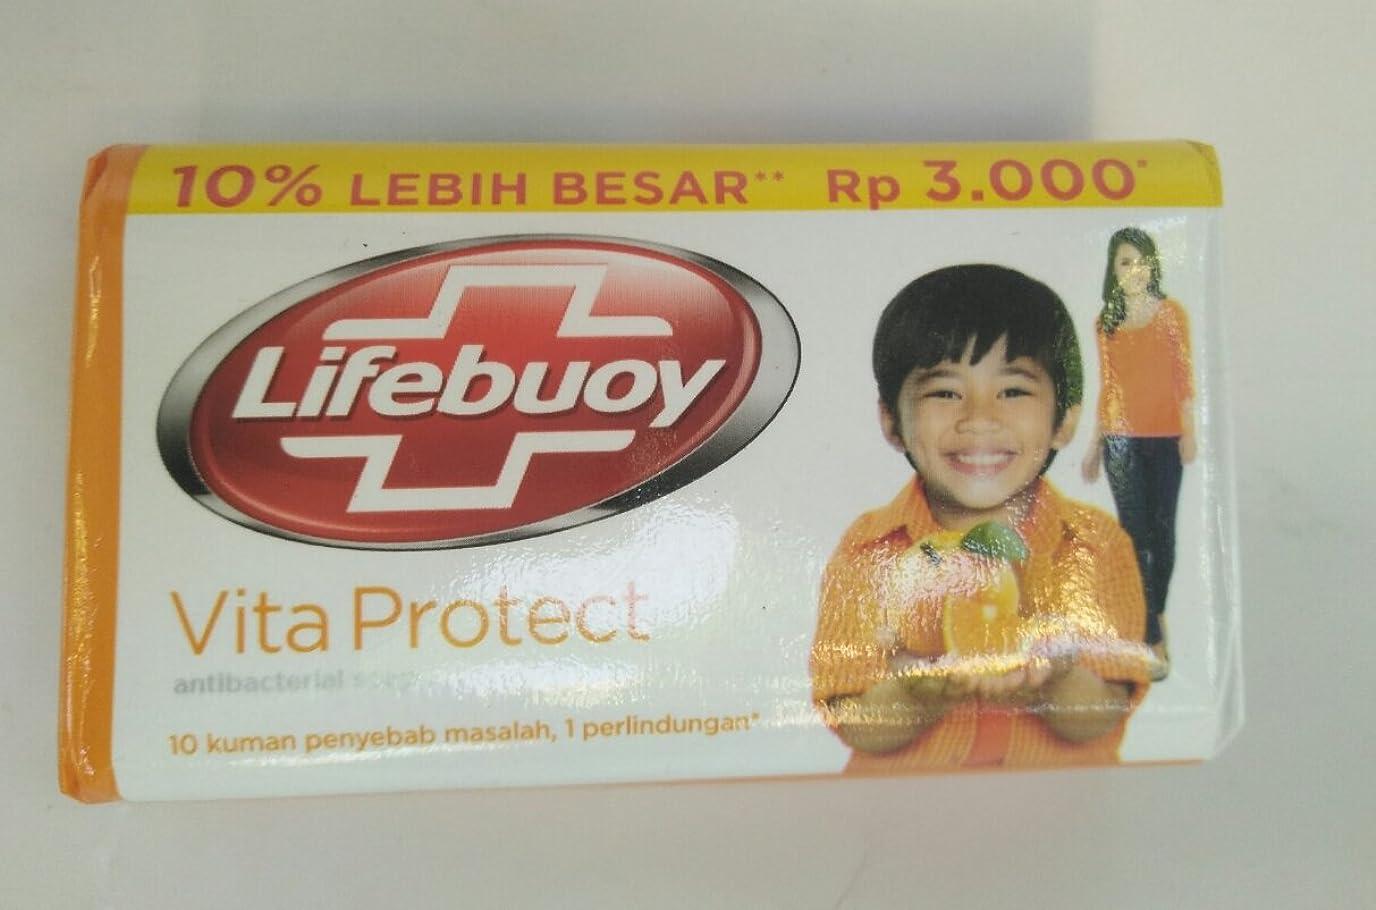 繊維深いフクロウLifebouy ヴィータは抗菌石鹸、85グラムを守ります